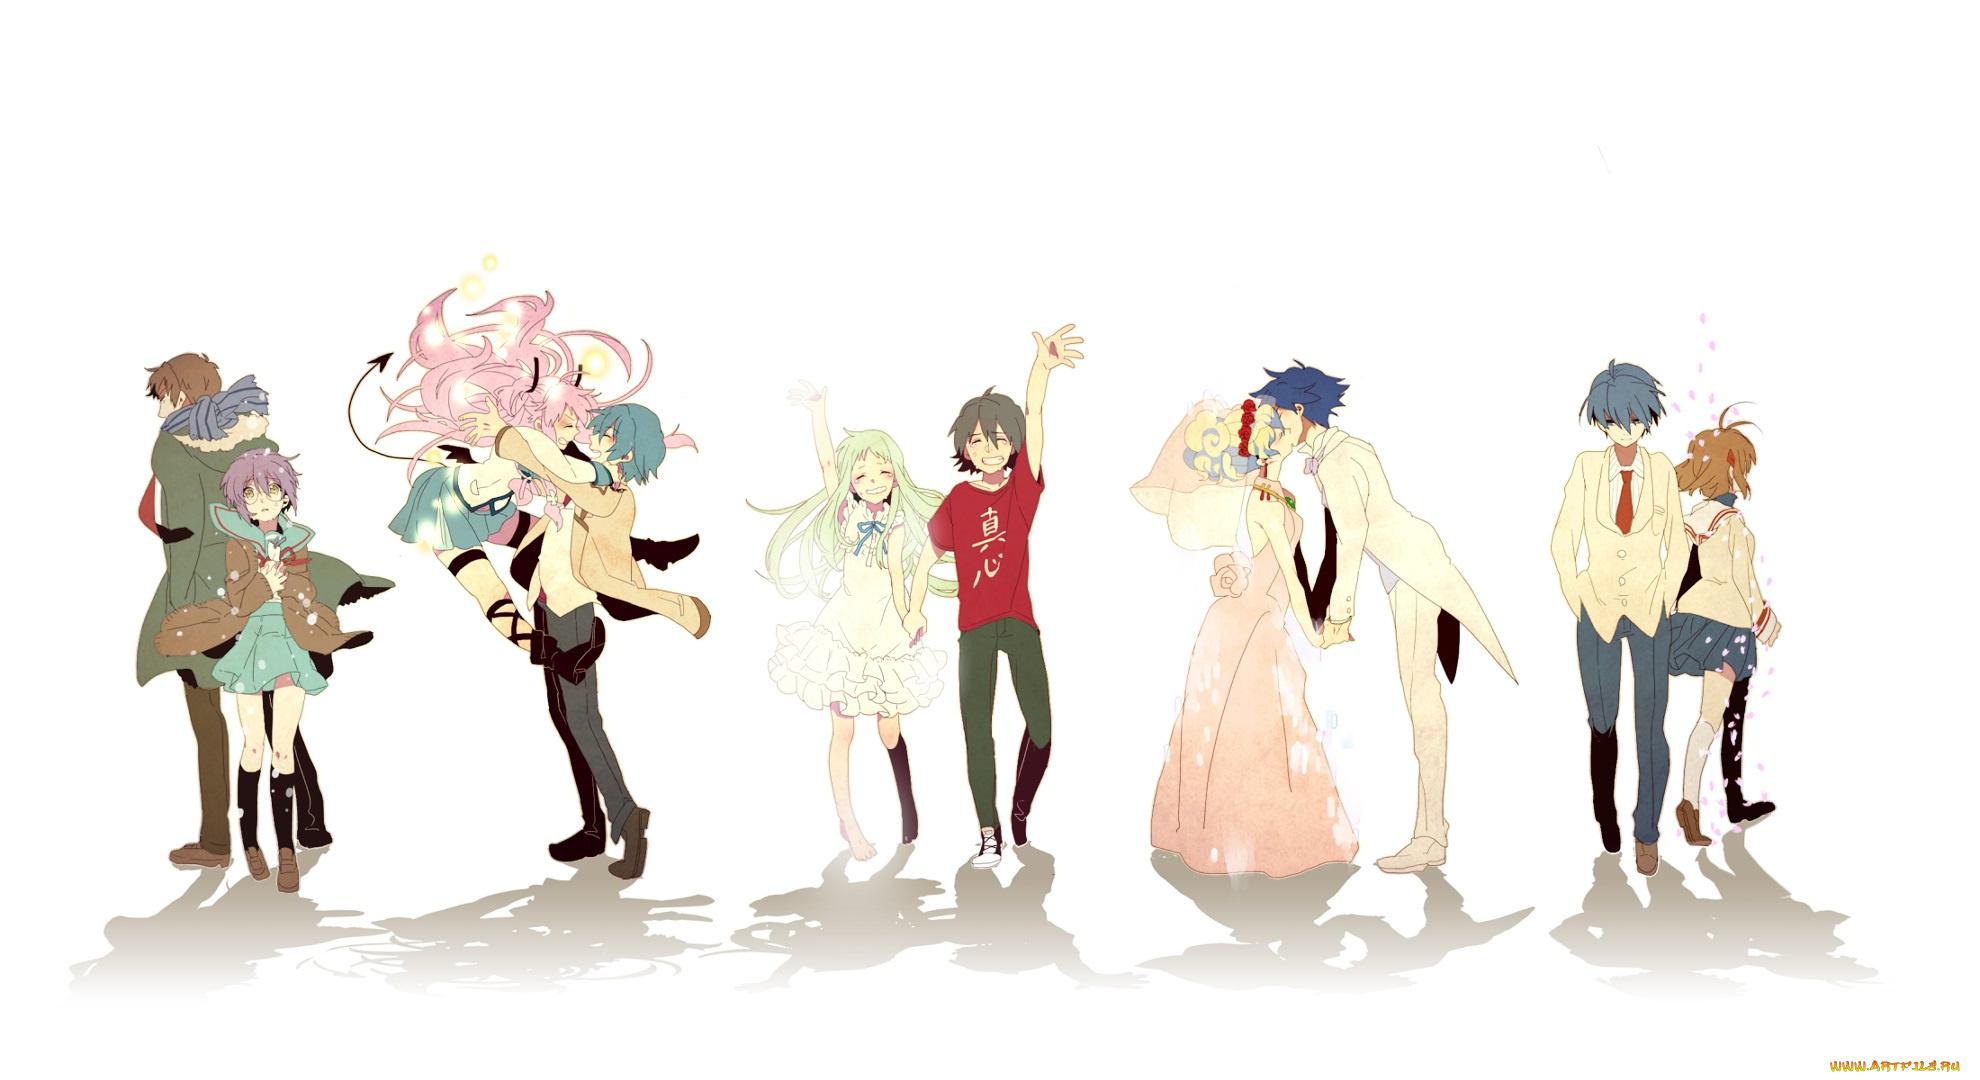 Прикольные картинки аниме девушек и парней